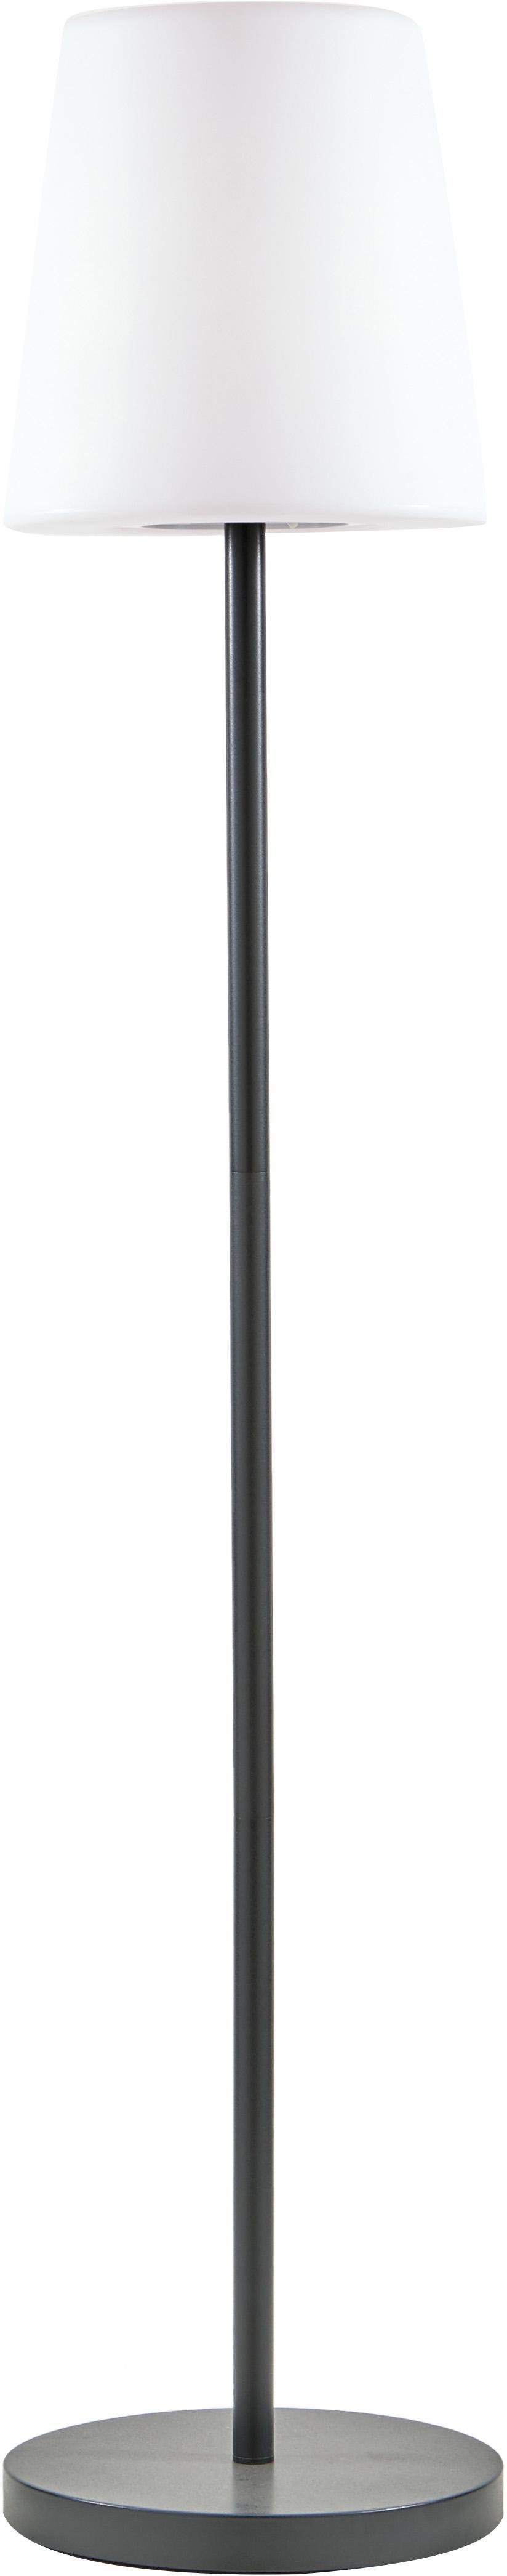 Mobile LED Außenstehleuchte Placido, Lampenfuß: Metall, beschichtet, Lampenschirm: Kunststoff, Weiß, Schwarz, Ø 31 x H 150 cm